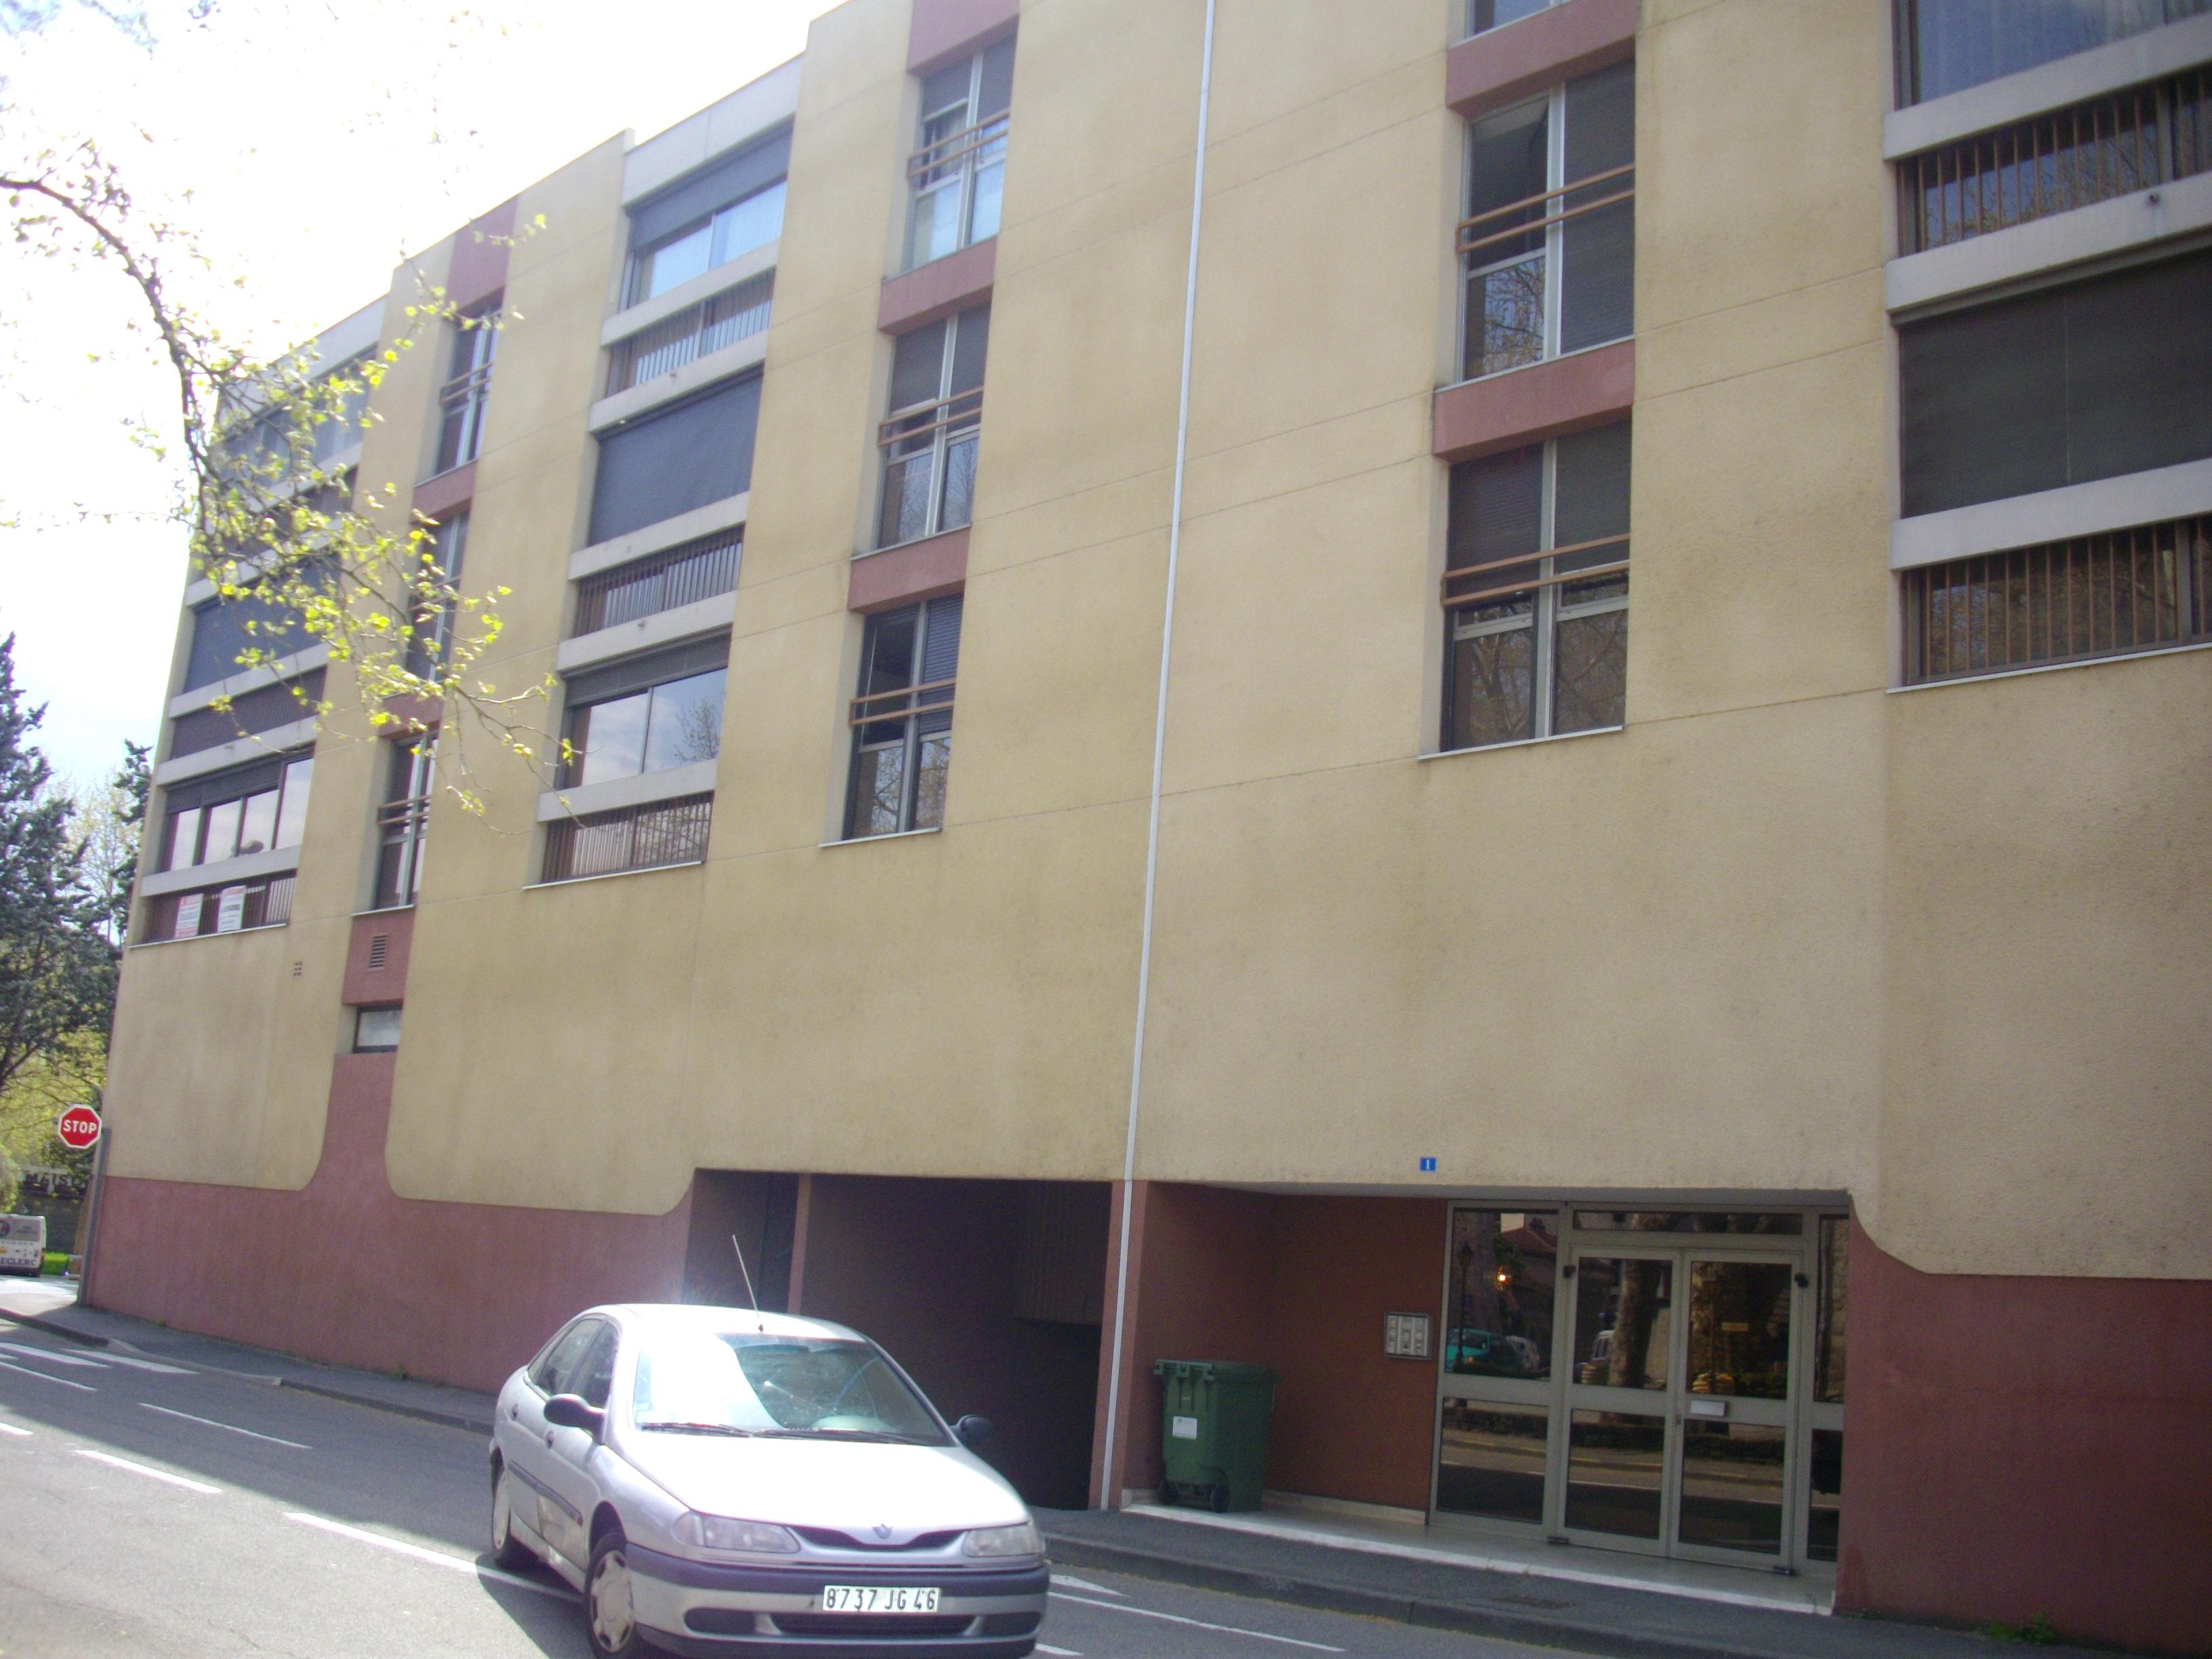 Appartement T3 à louer dans résidence à Figeac